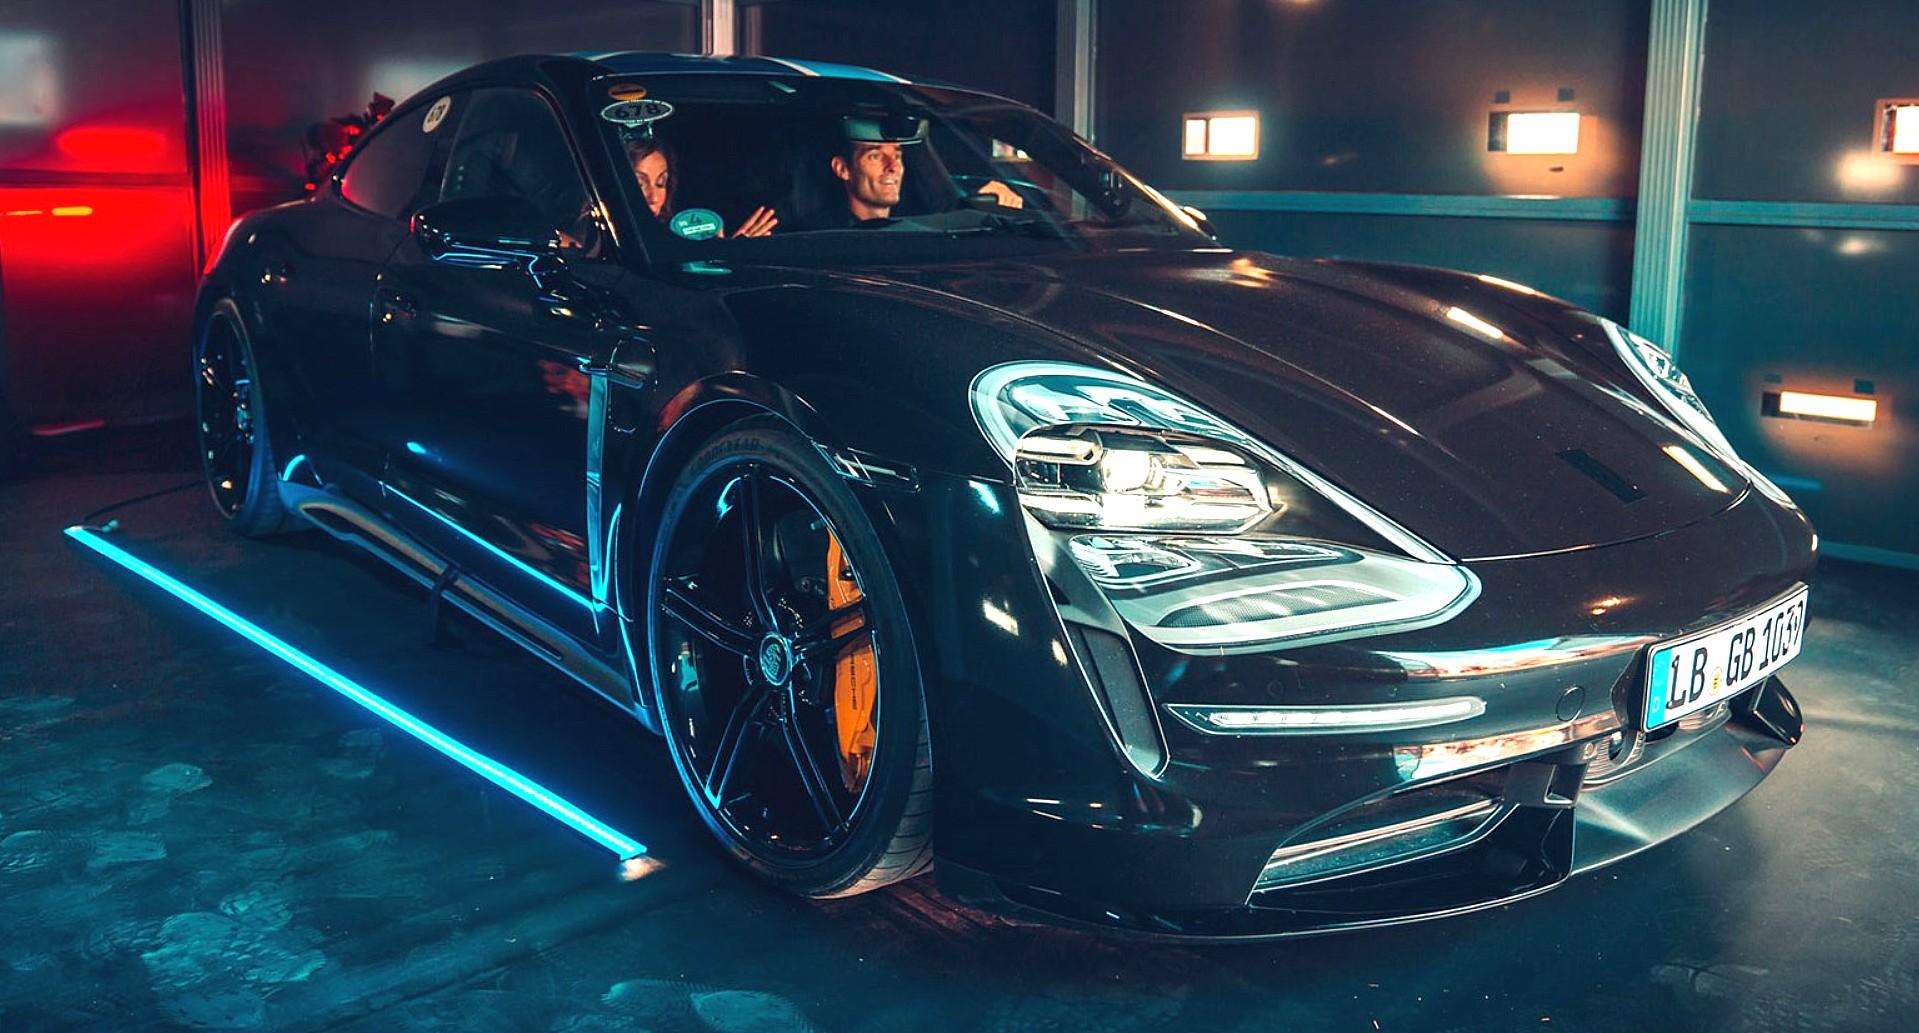 Серийная версия электрического Porsche Taycan уже сбросила почти весь камуфляж, премьера должна состояться осенью. И чтобы подогреть интерес к модели, производитель раскрыл набор модификаций.